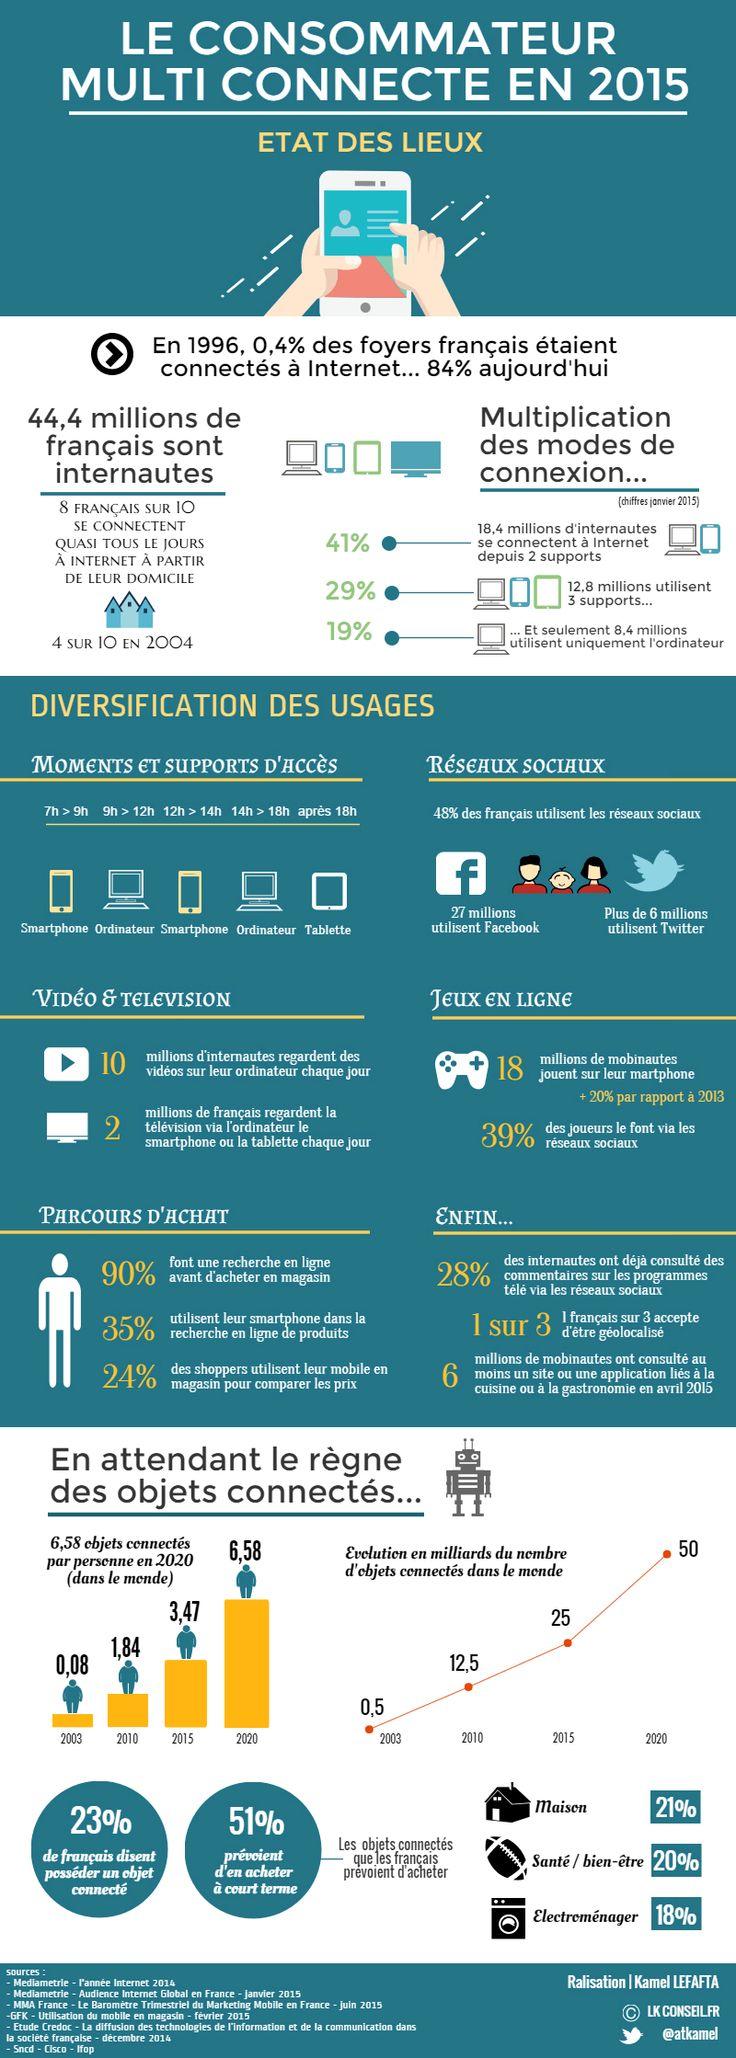 Consommateur multiconnecté : Etat des lieux - copyright : lk.conseil.fr / #ecommerce #relationclient